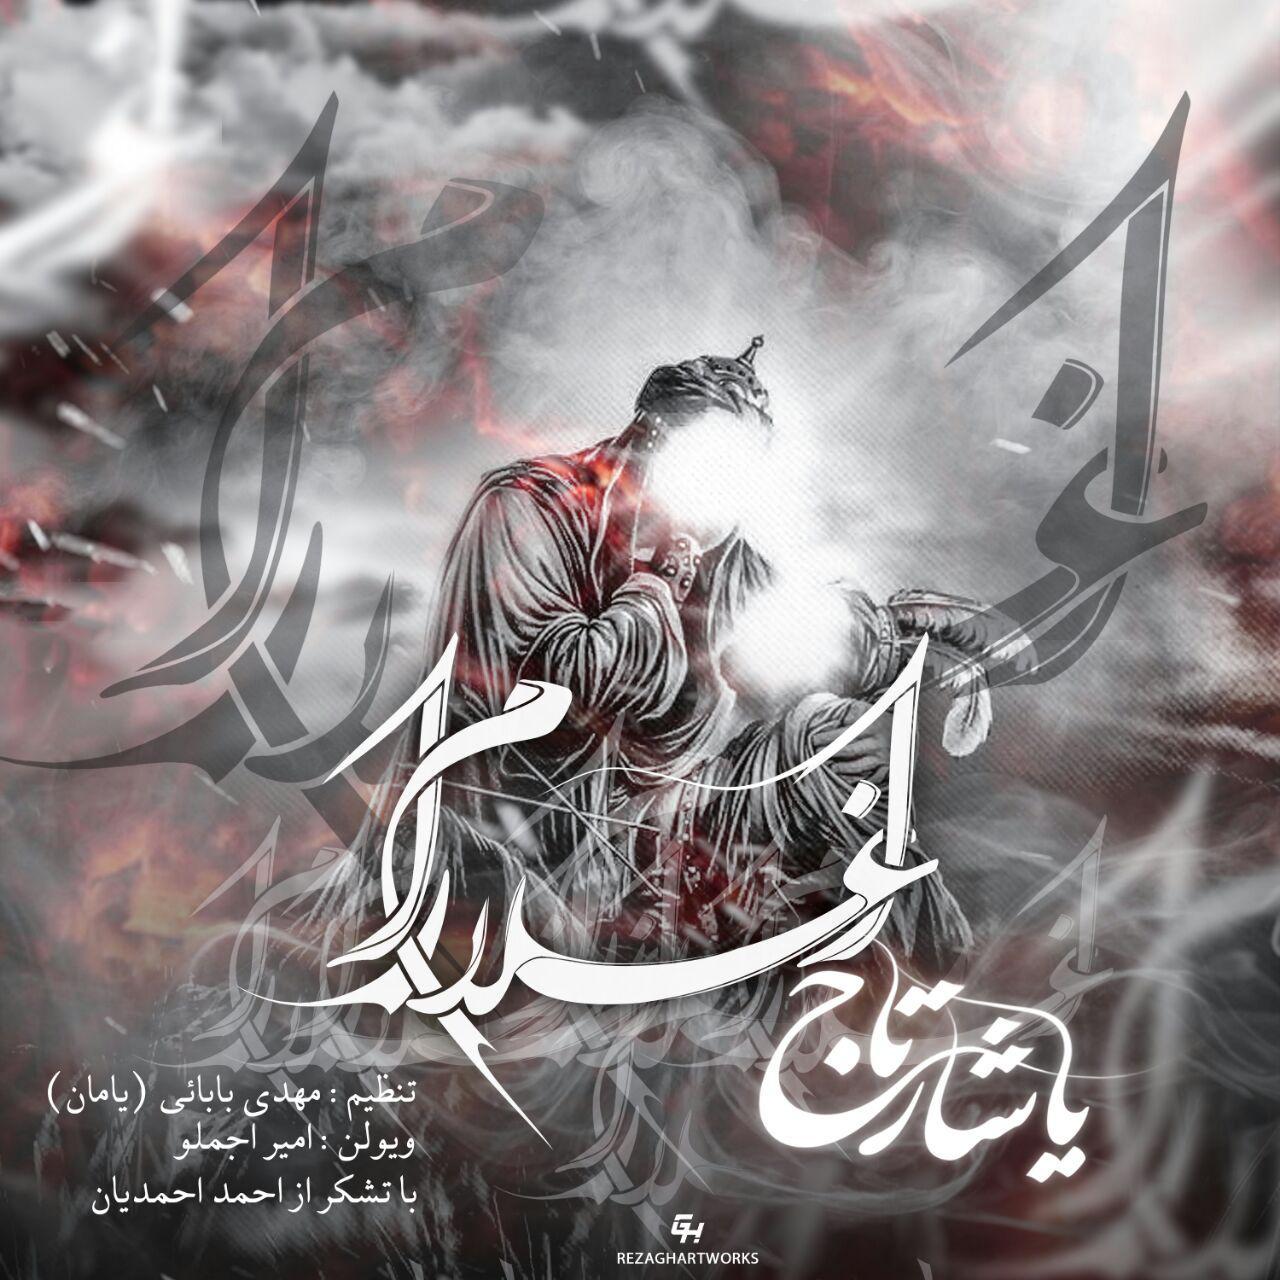 http://s2.picofile.com/file/8372194068/13Yashar_Taaj_Aghlaram.jpg